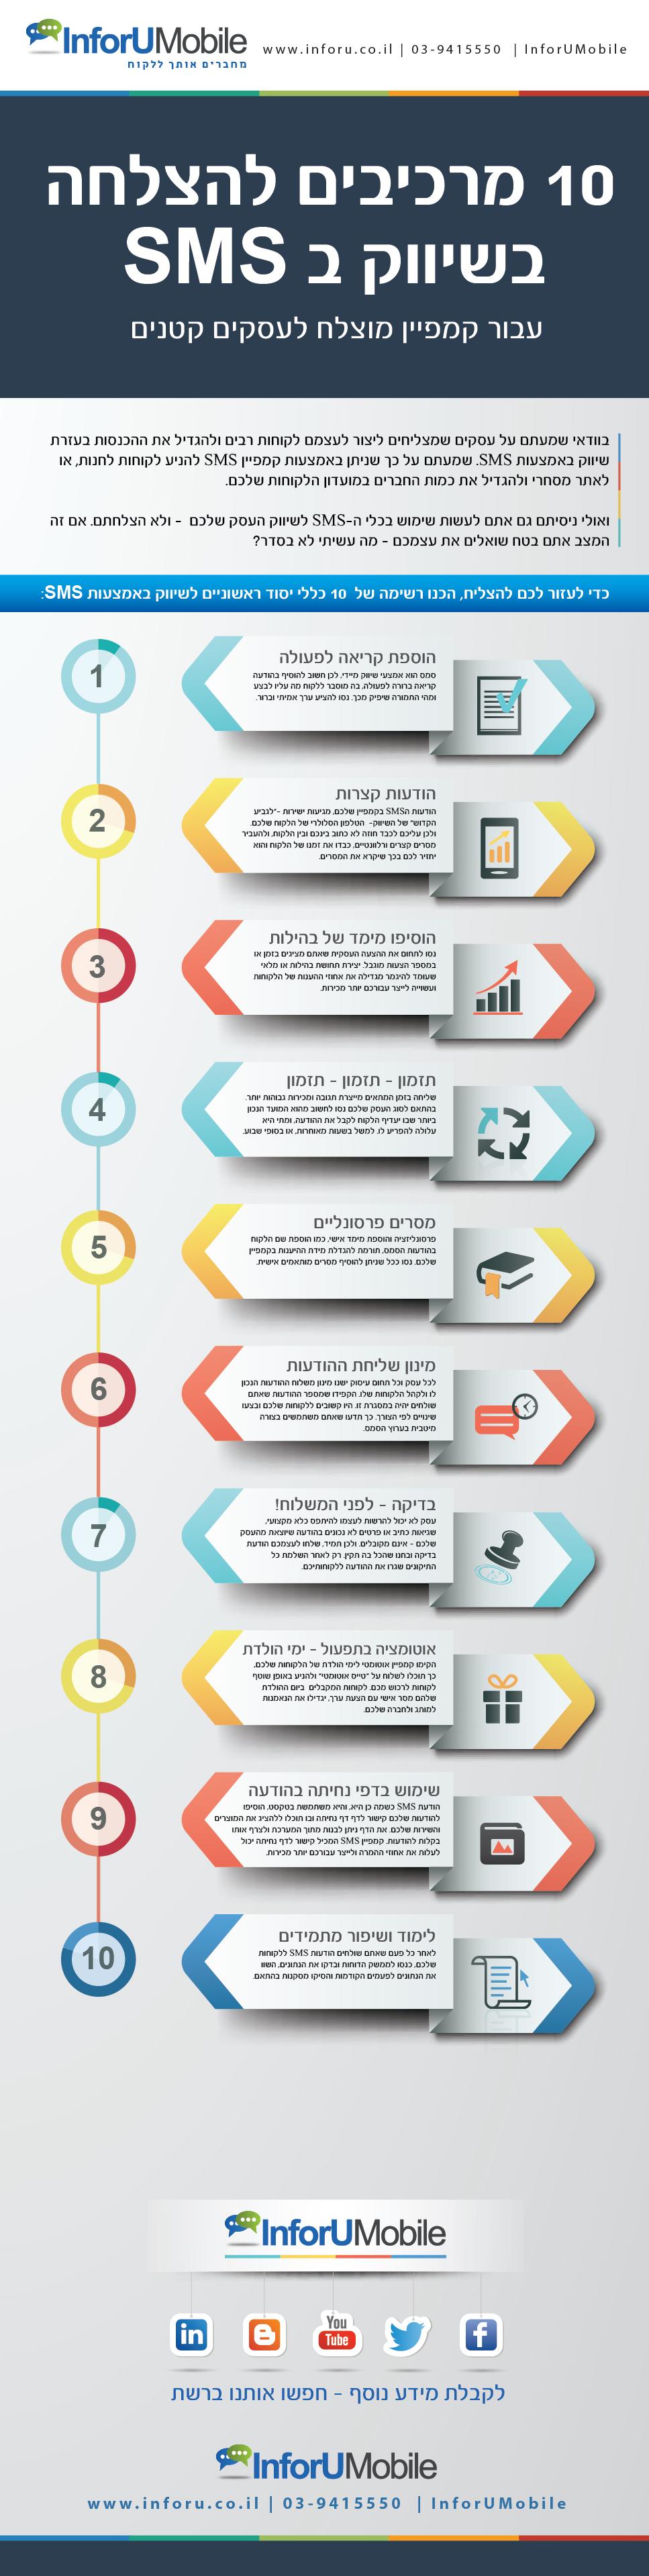 עשרה מרכיבים להצלחה בשיווק בסמס לעסקים קטנים